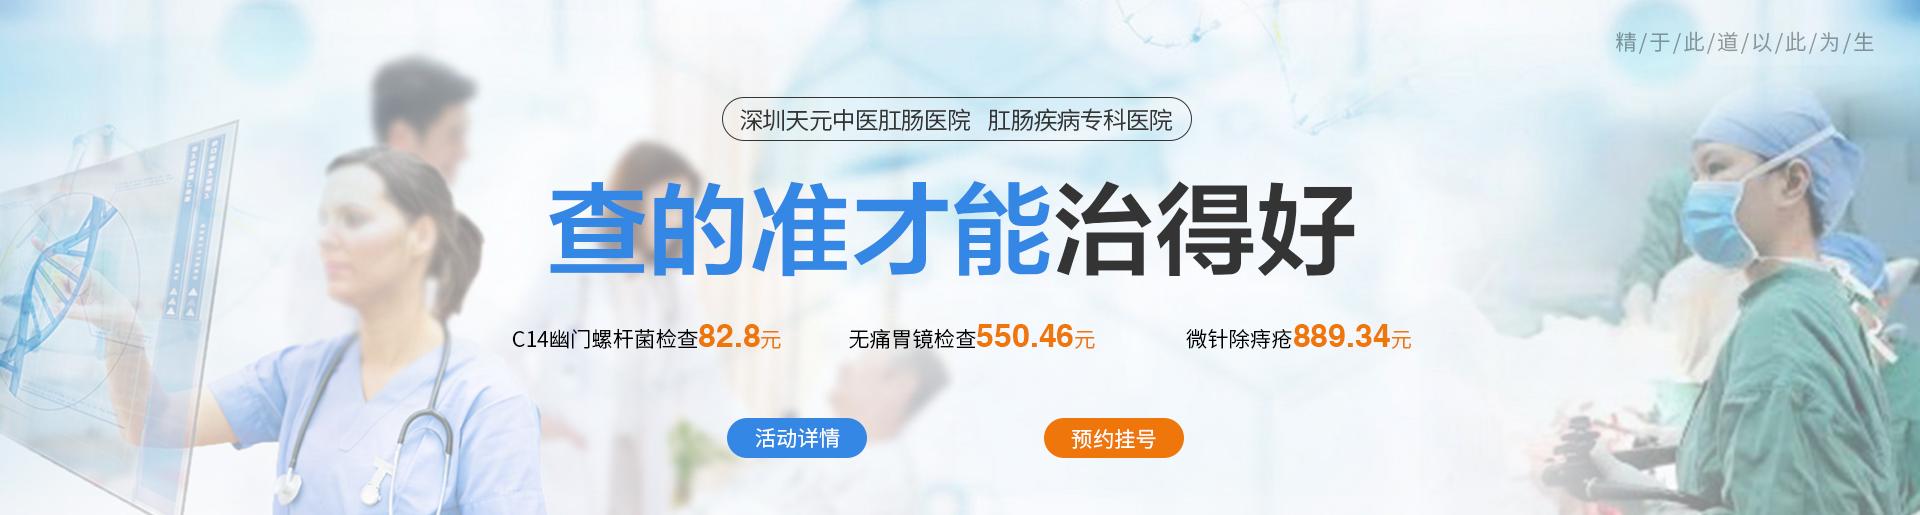 深圳天元肛肠医院